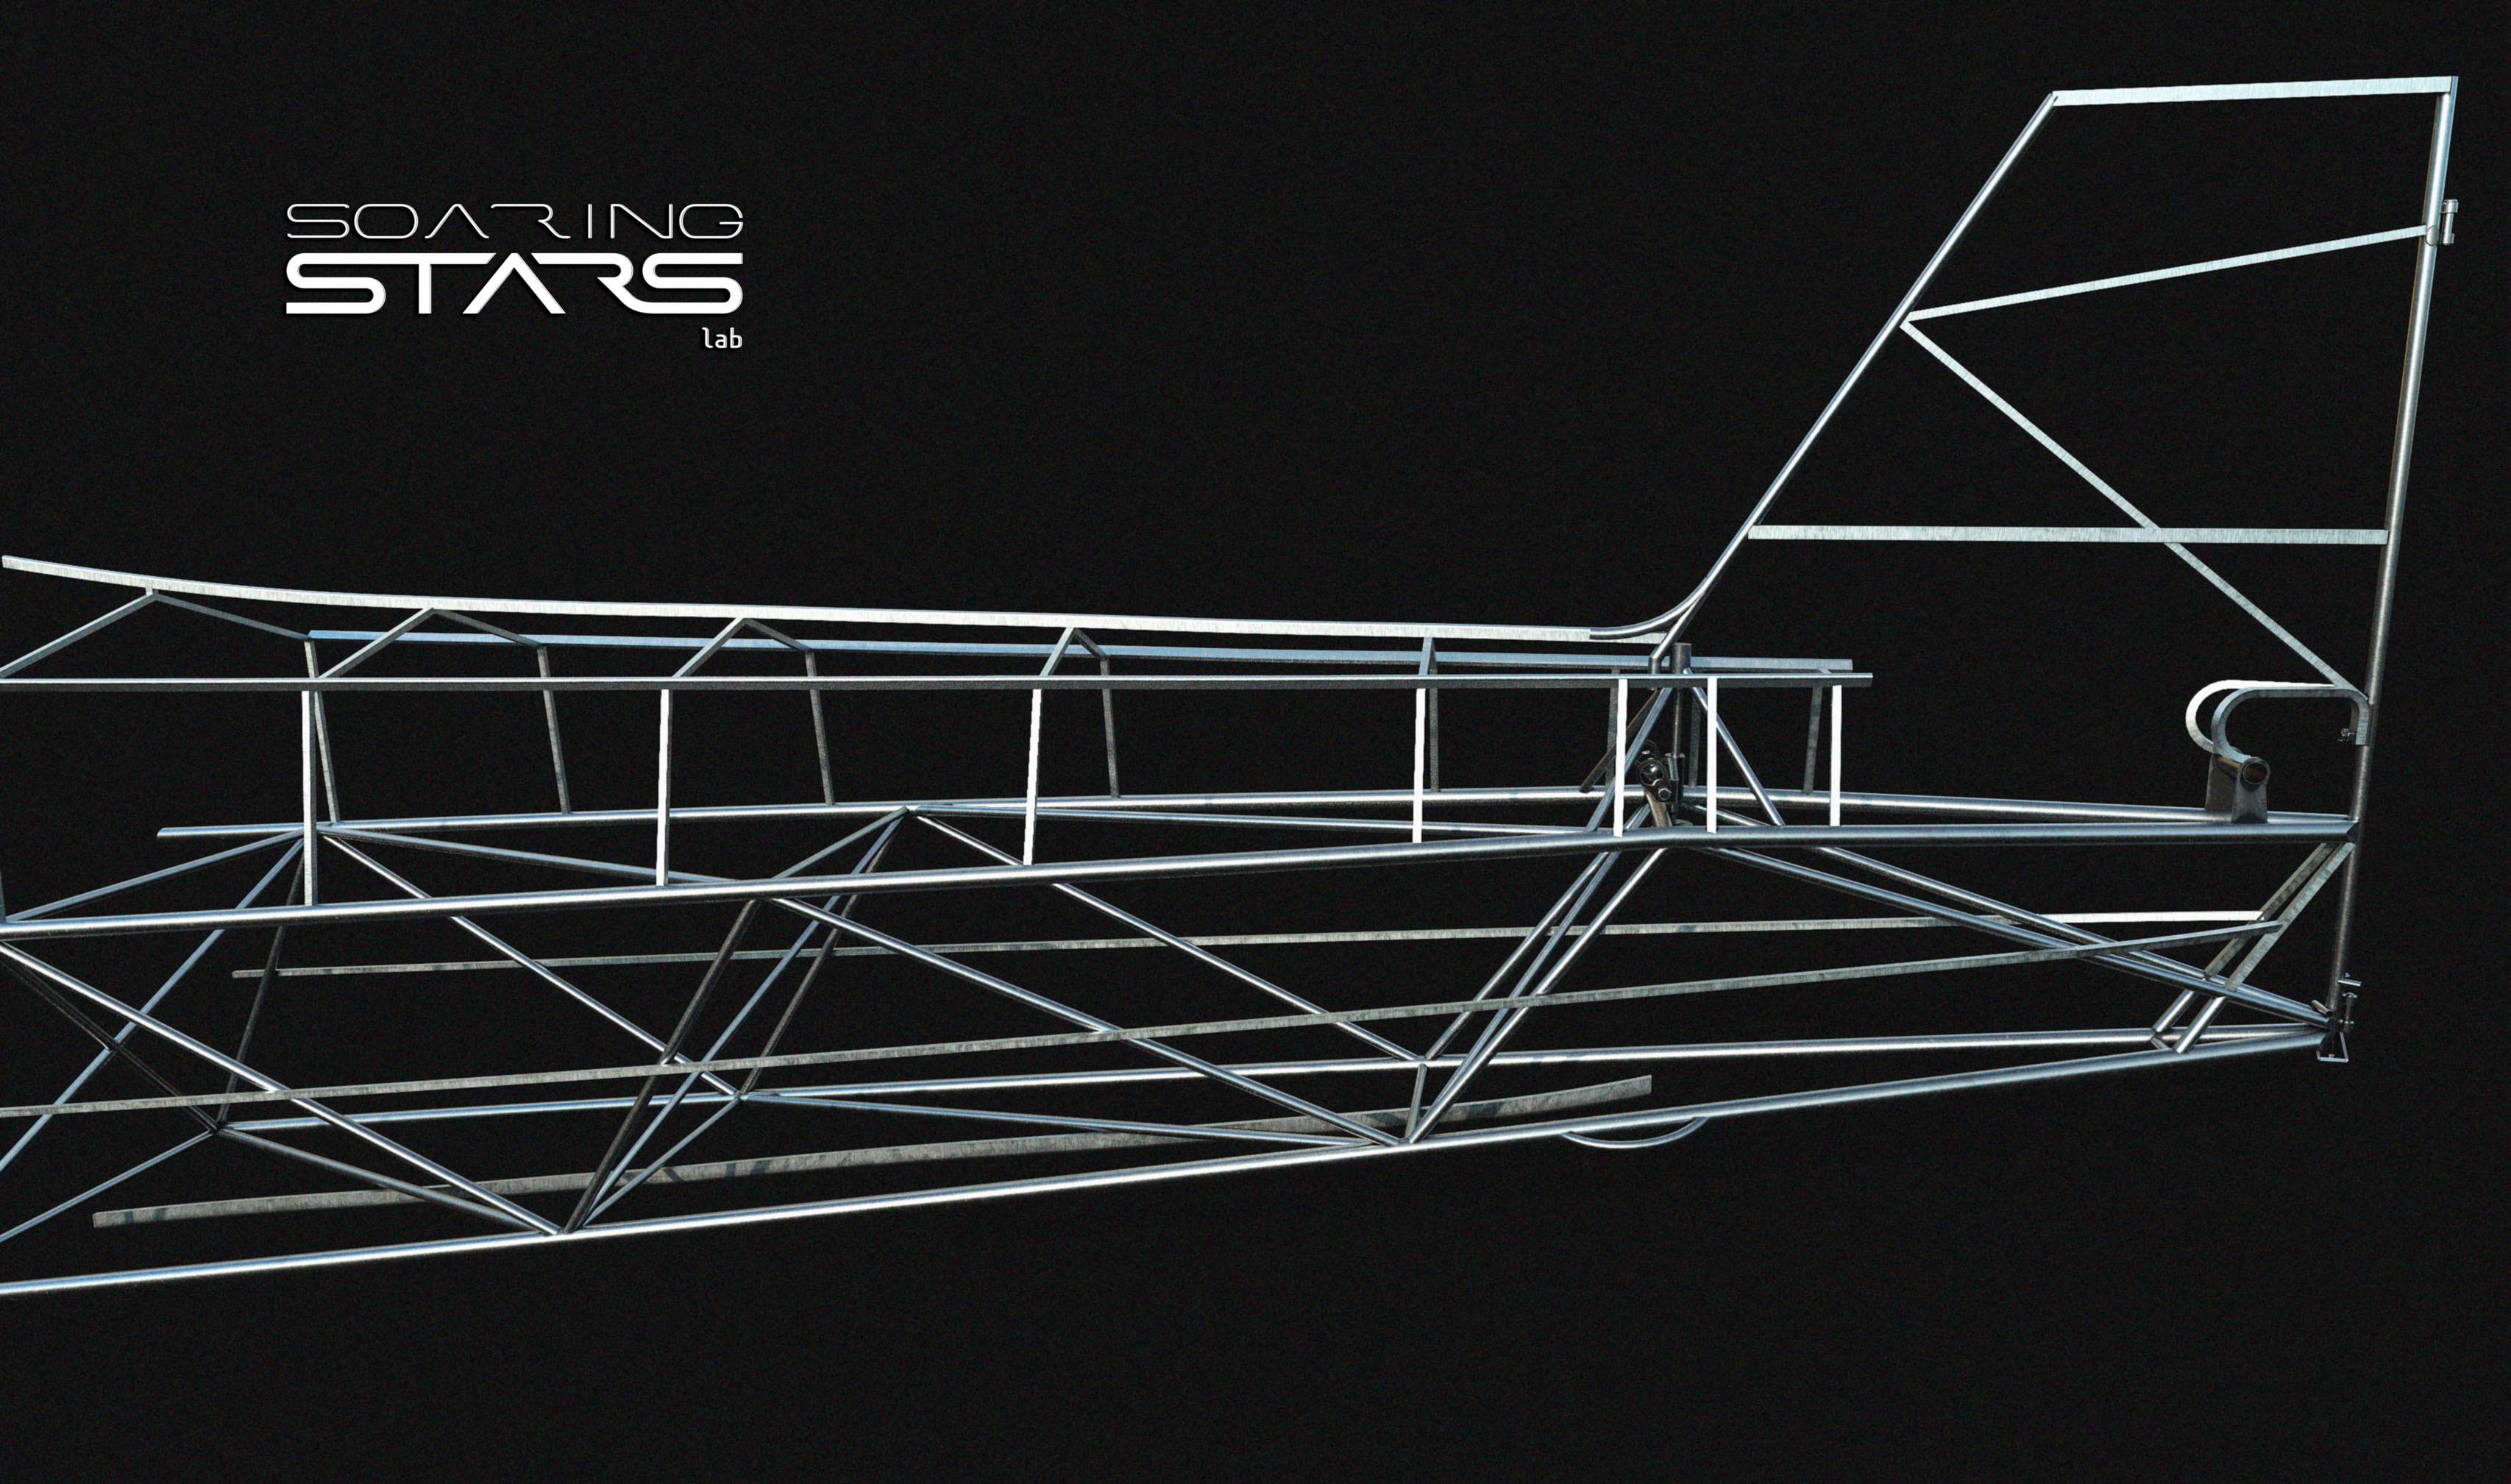 J3CUB 3D model. Fuselage frame made in Rhino Grasshopper